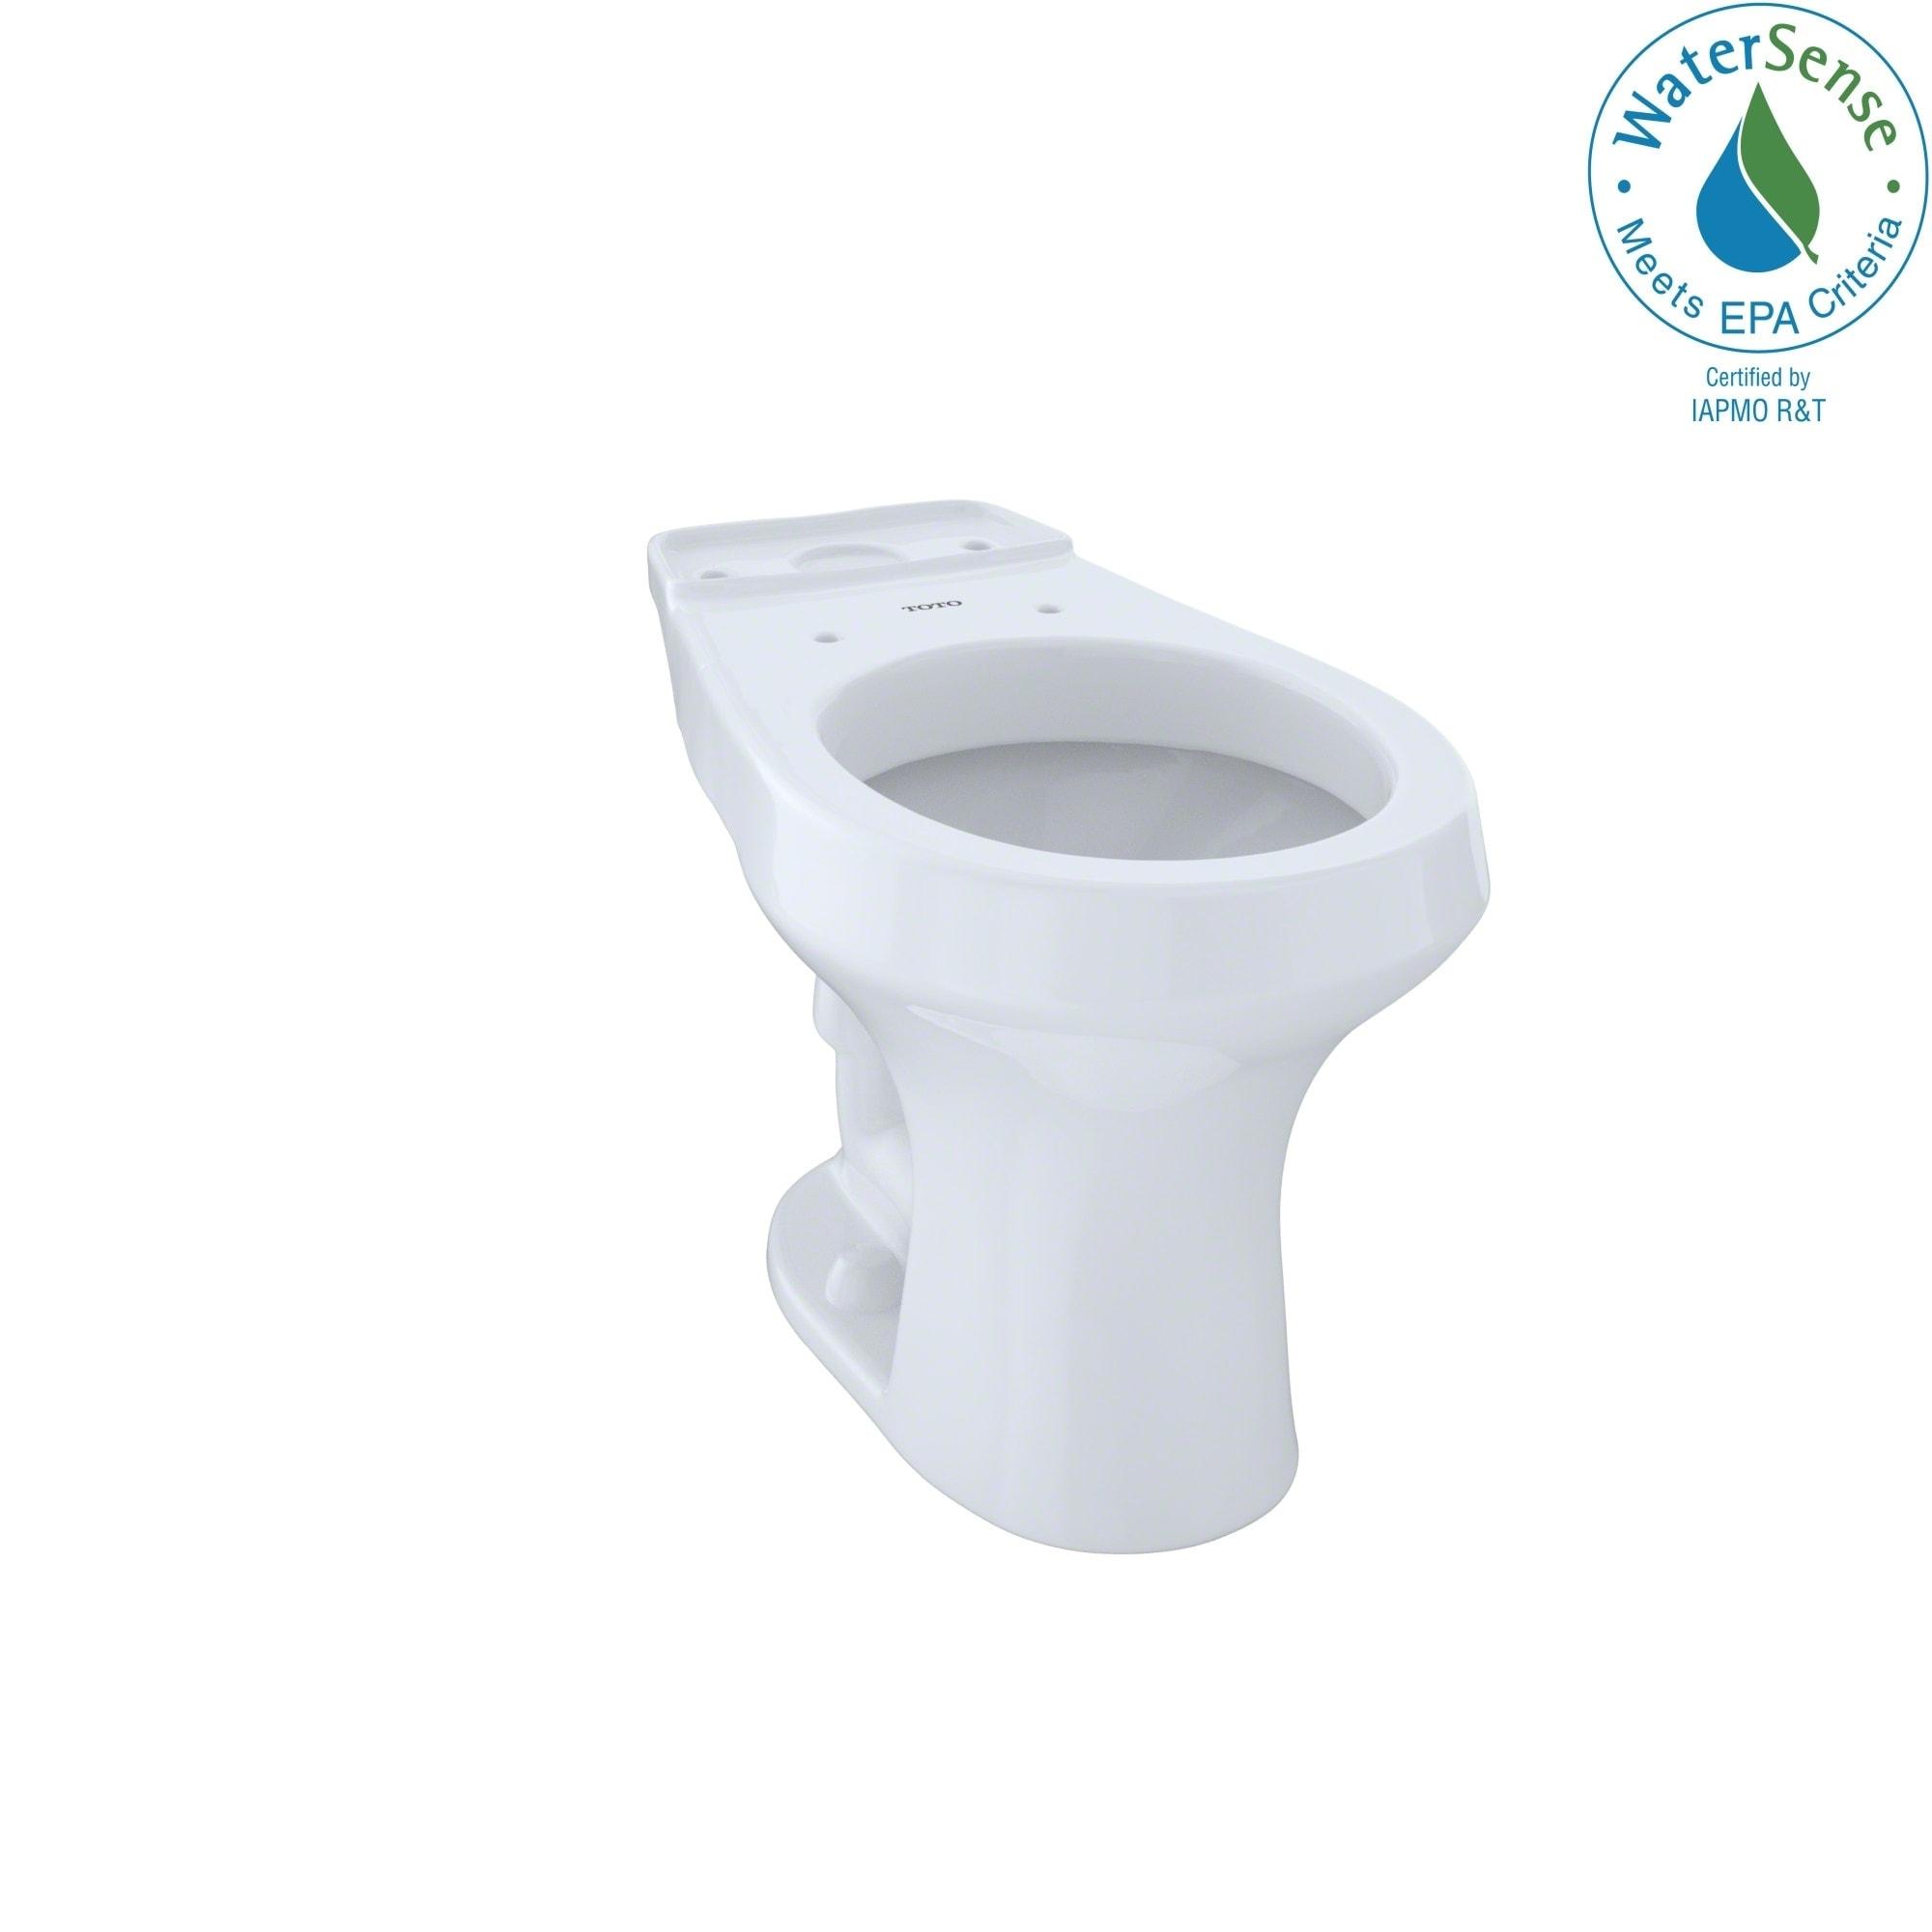 Toto Rowan Cotton Toilet Bowl, Less Seat